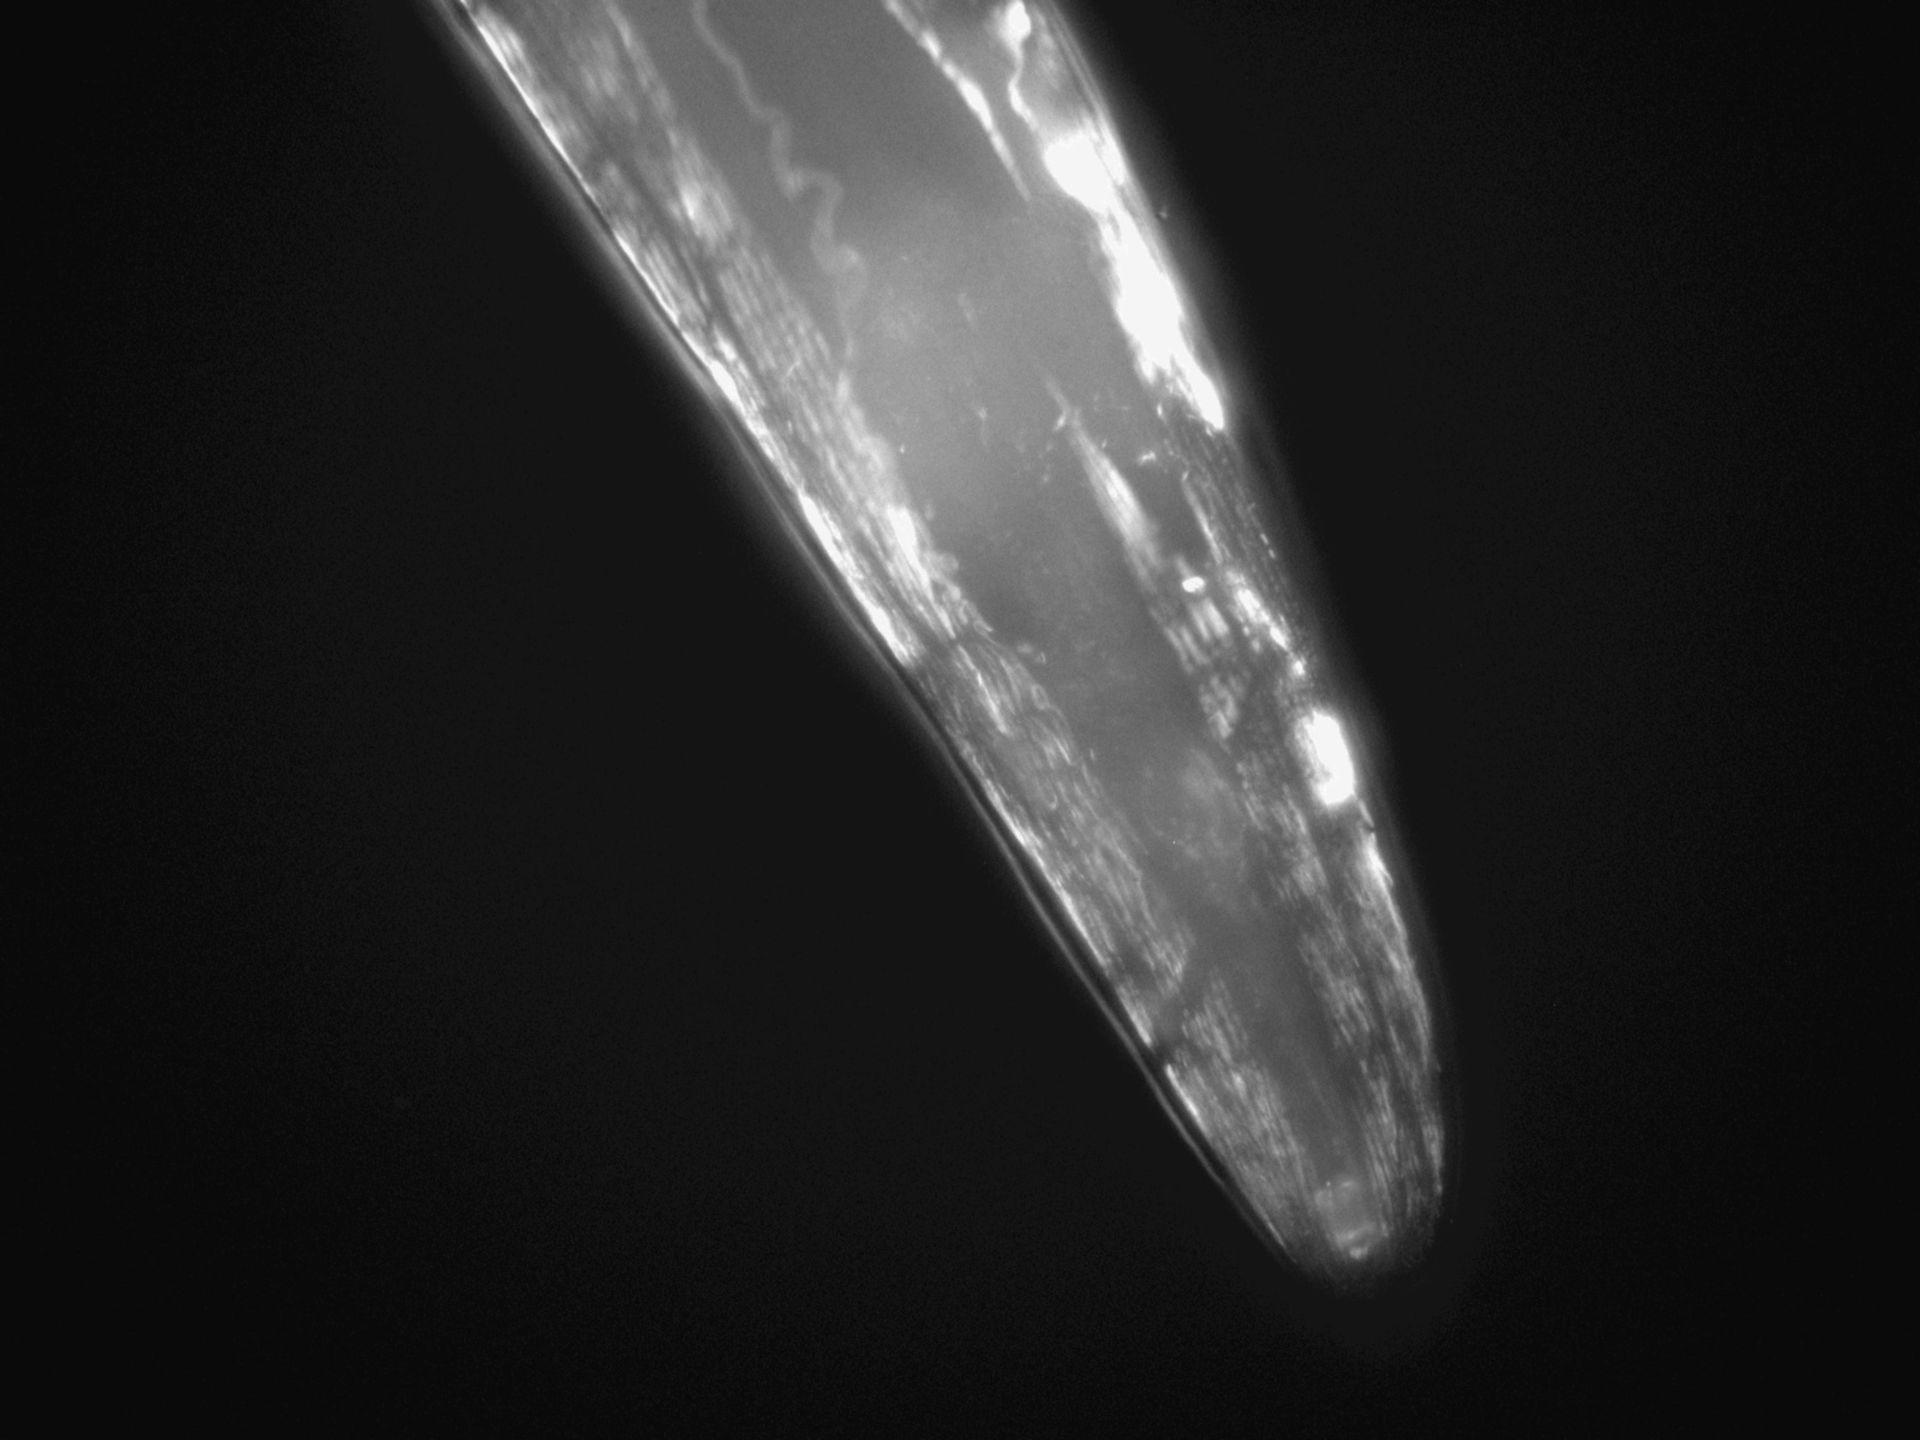 Caenorhabditis elegans (Actin filament) - CIL:1305